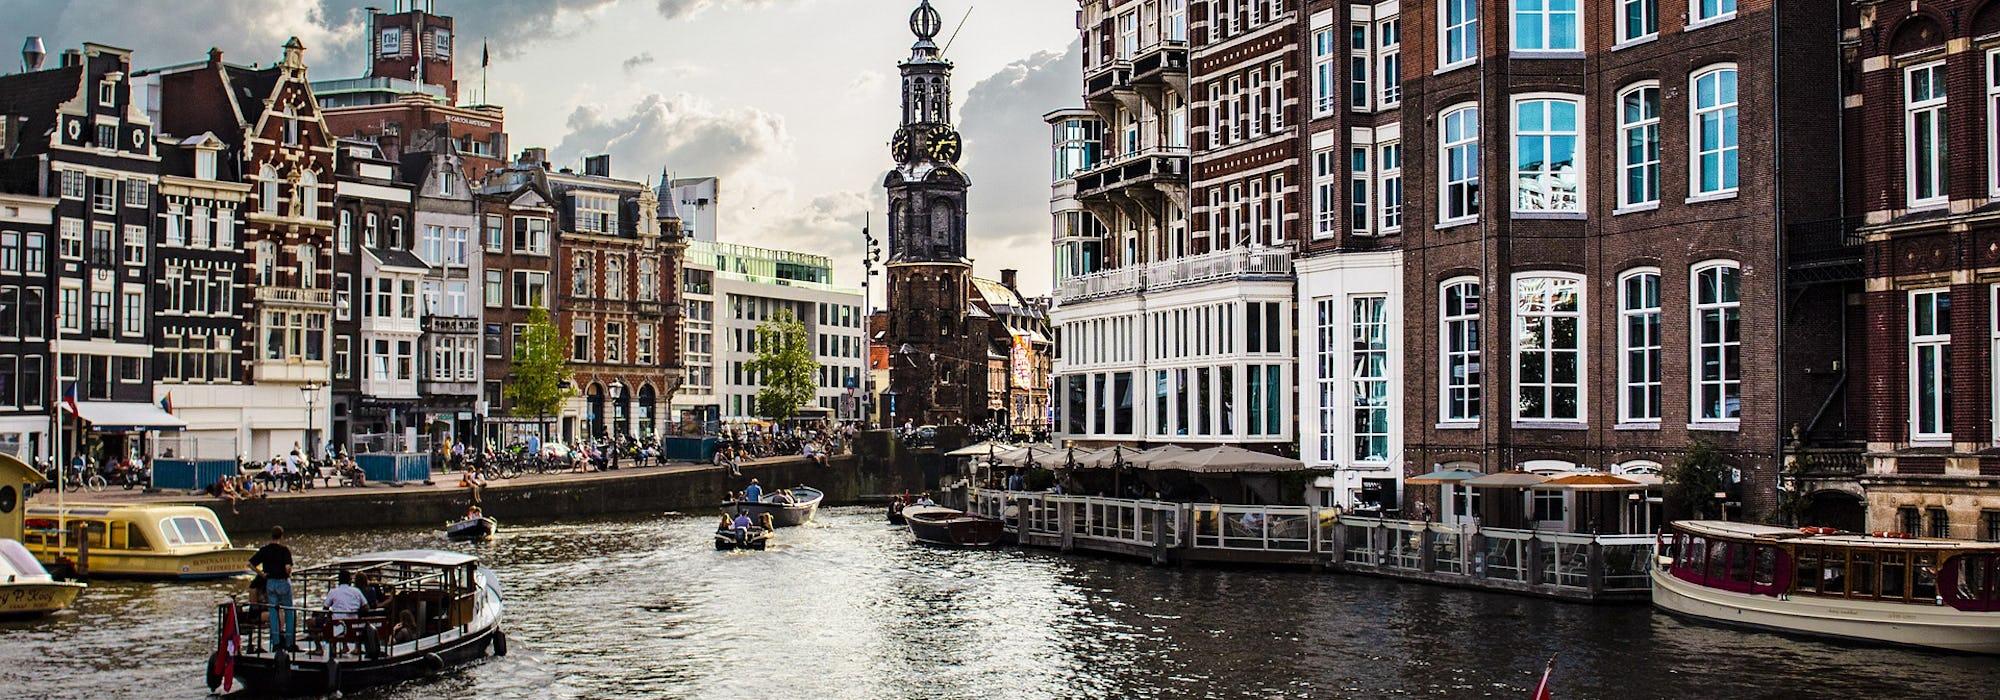 Kanalen i Amsterdam med färglada hus runtomkring.